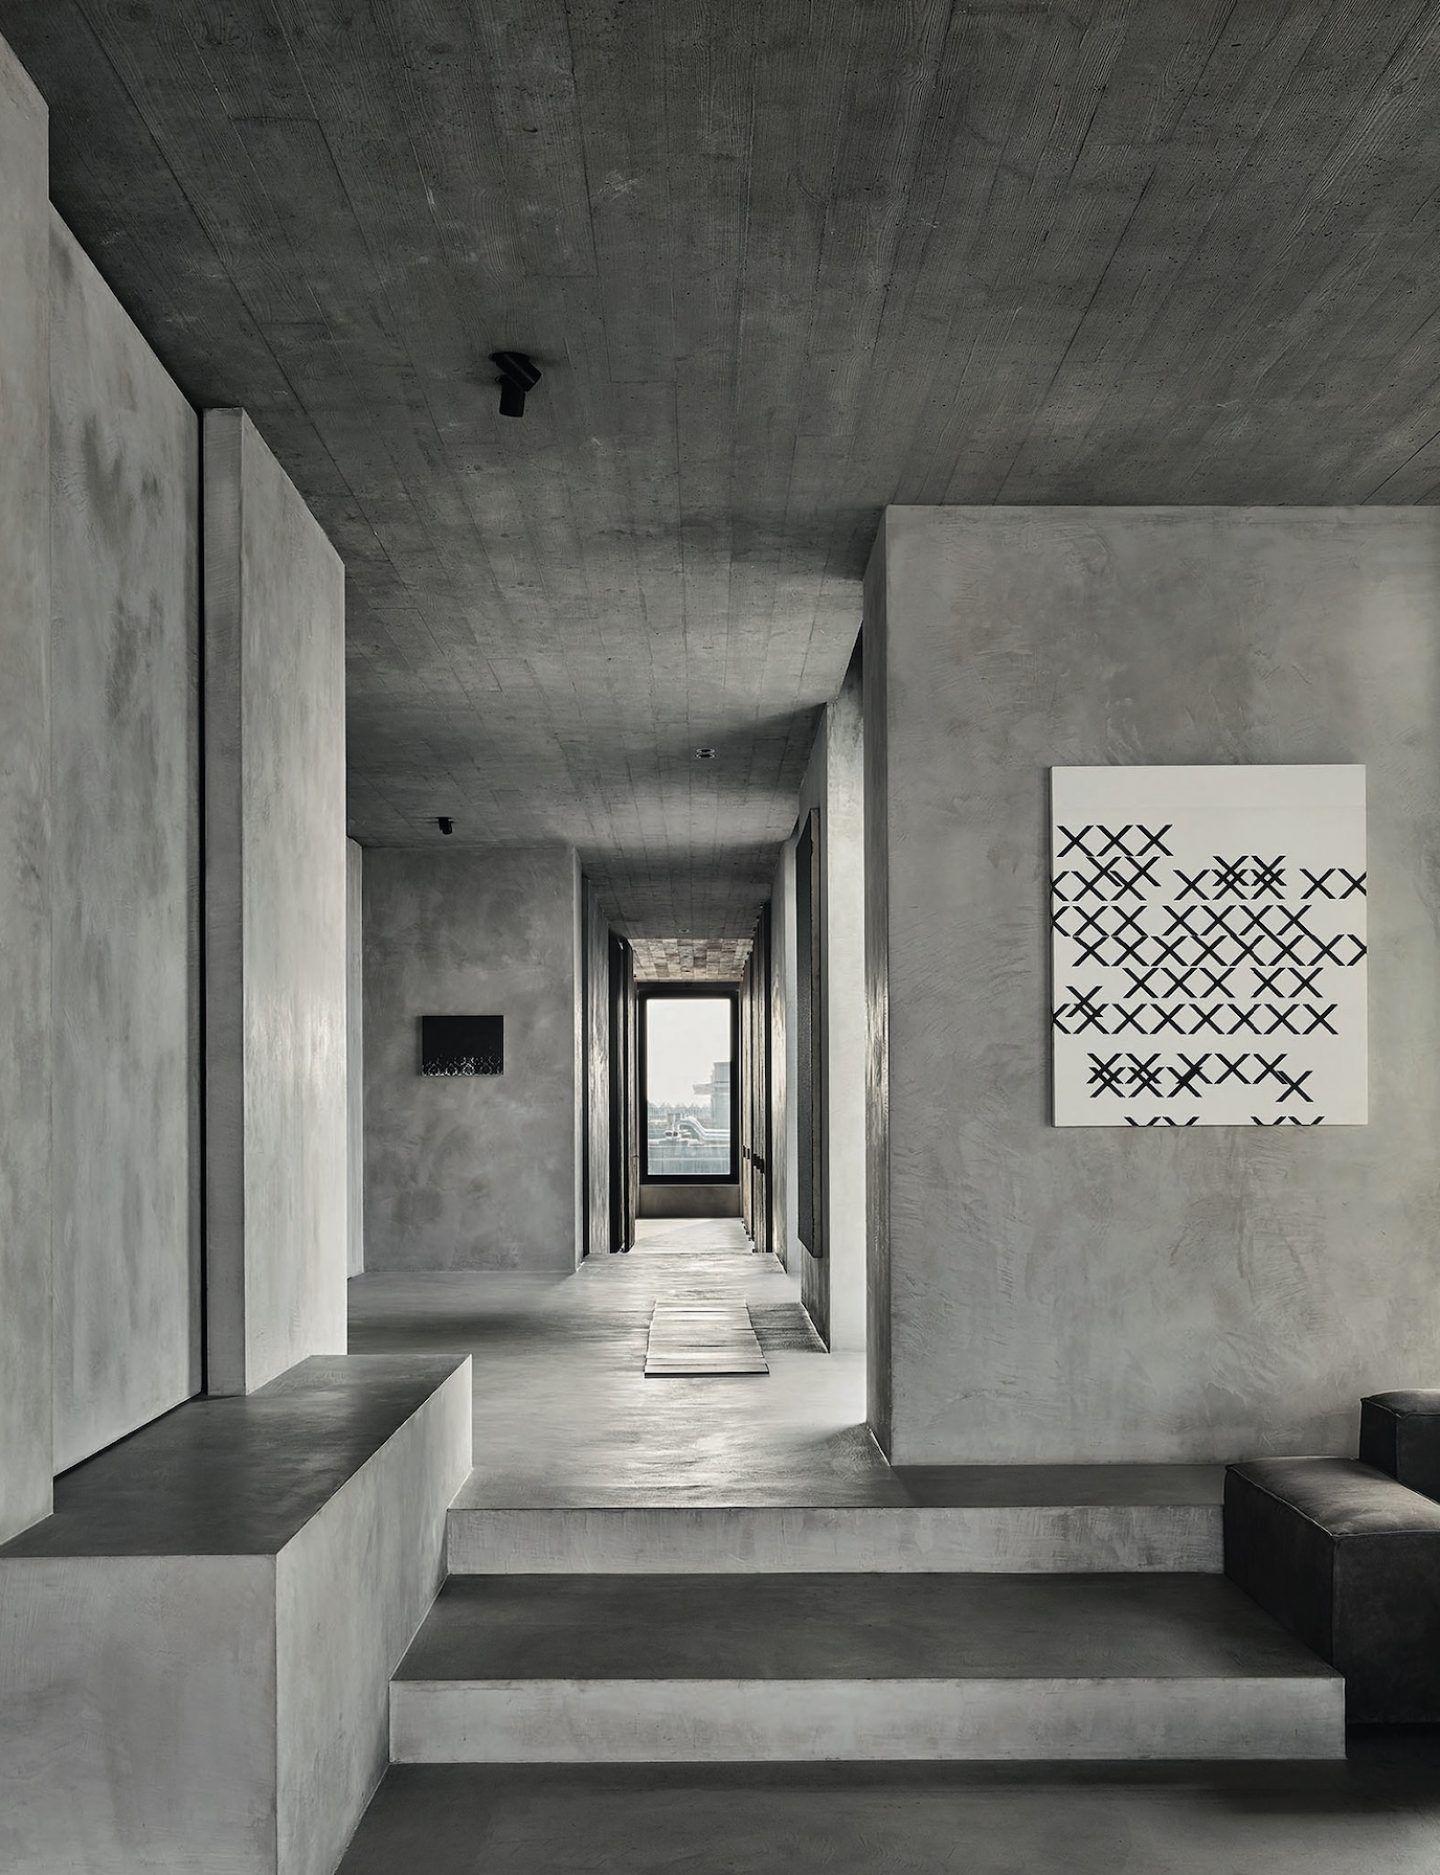 IGNANT-Architecture-Vincent-Van-Duysen-C-Penthouse-02